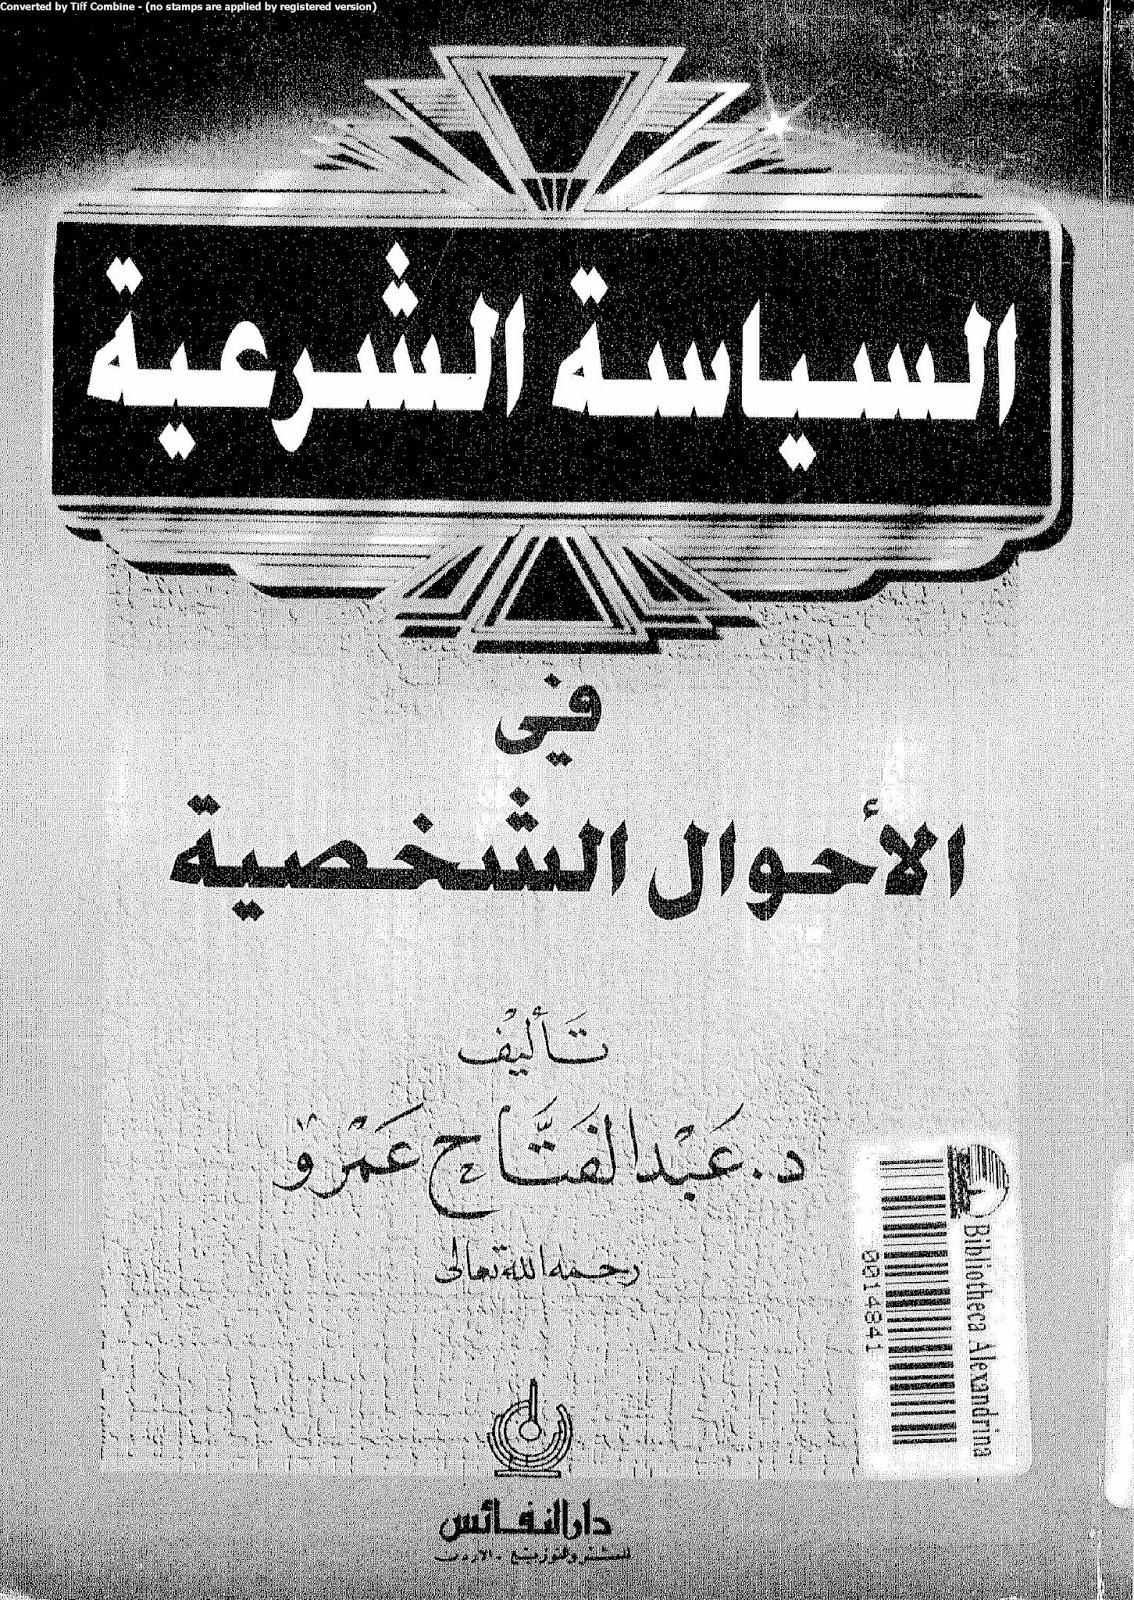 السياسة الشرعية في الأحوال الشخصية - عبد الفتاح عمرو